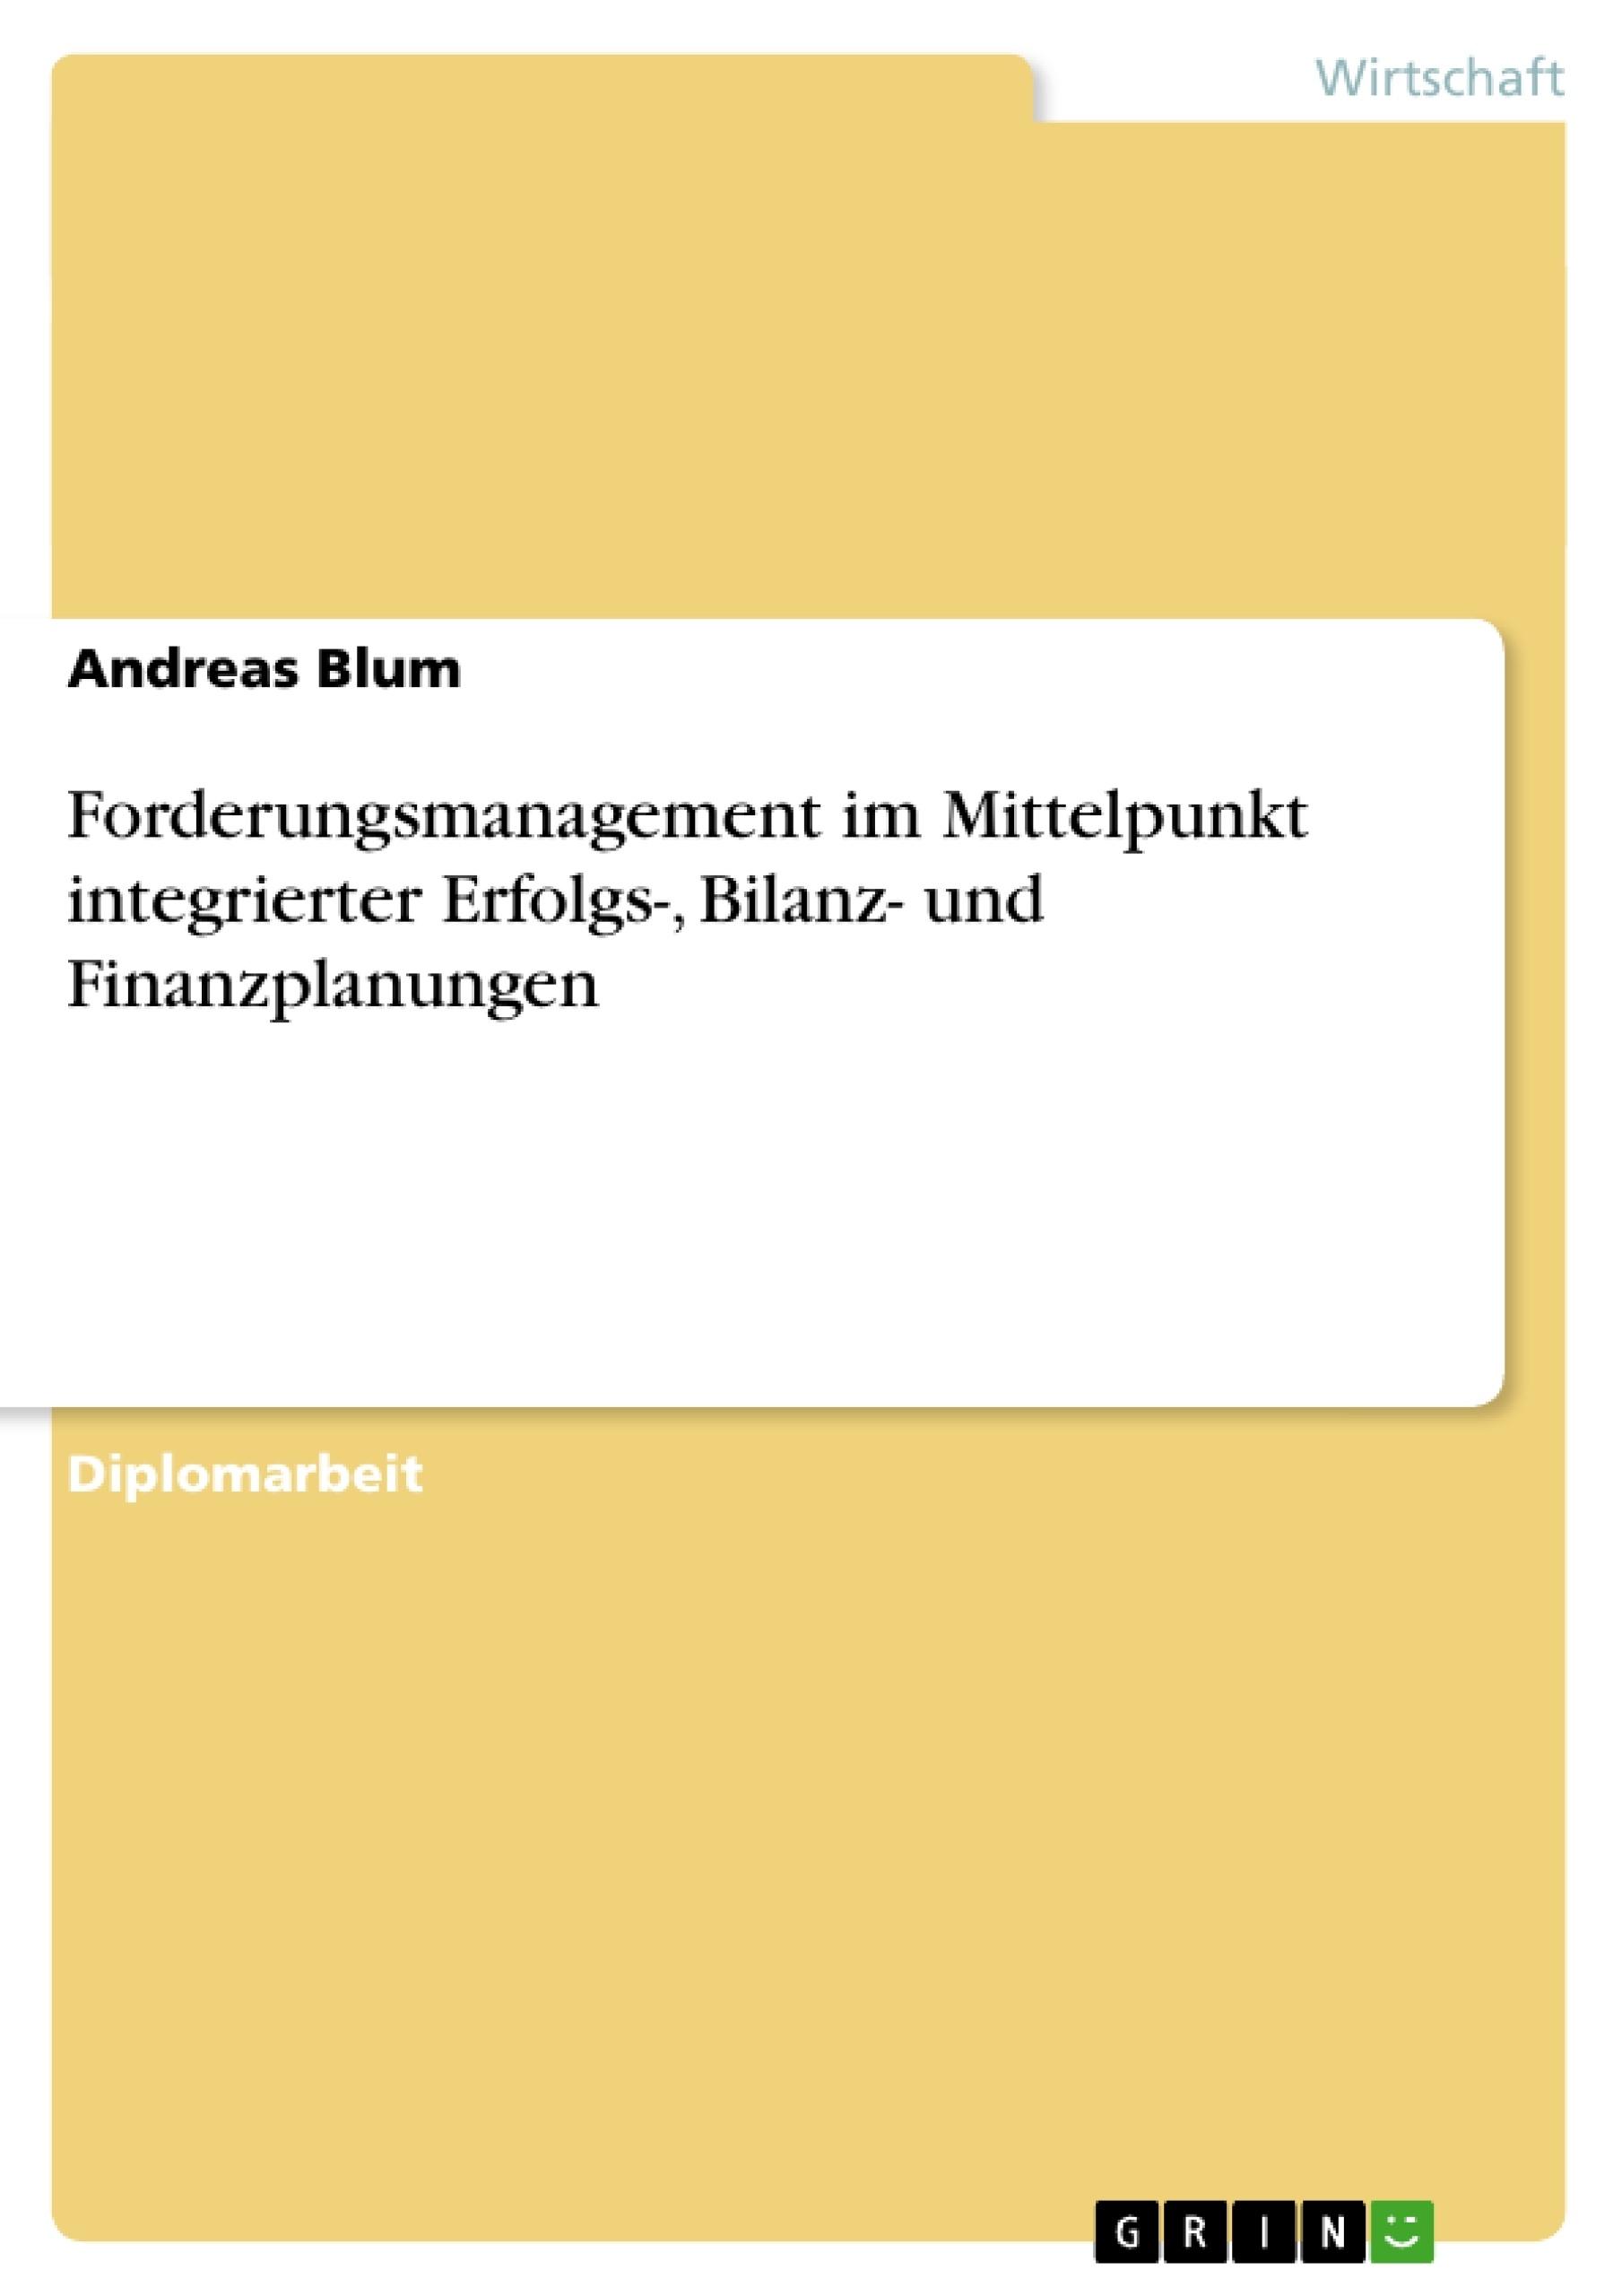 Titel: Forderungsmanagement im Mittelpunkt integrierter Erfolgs-, Bilanz- und Finanzplanungen